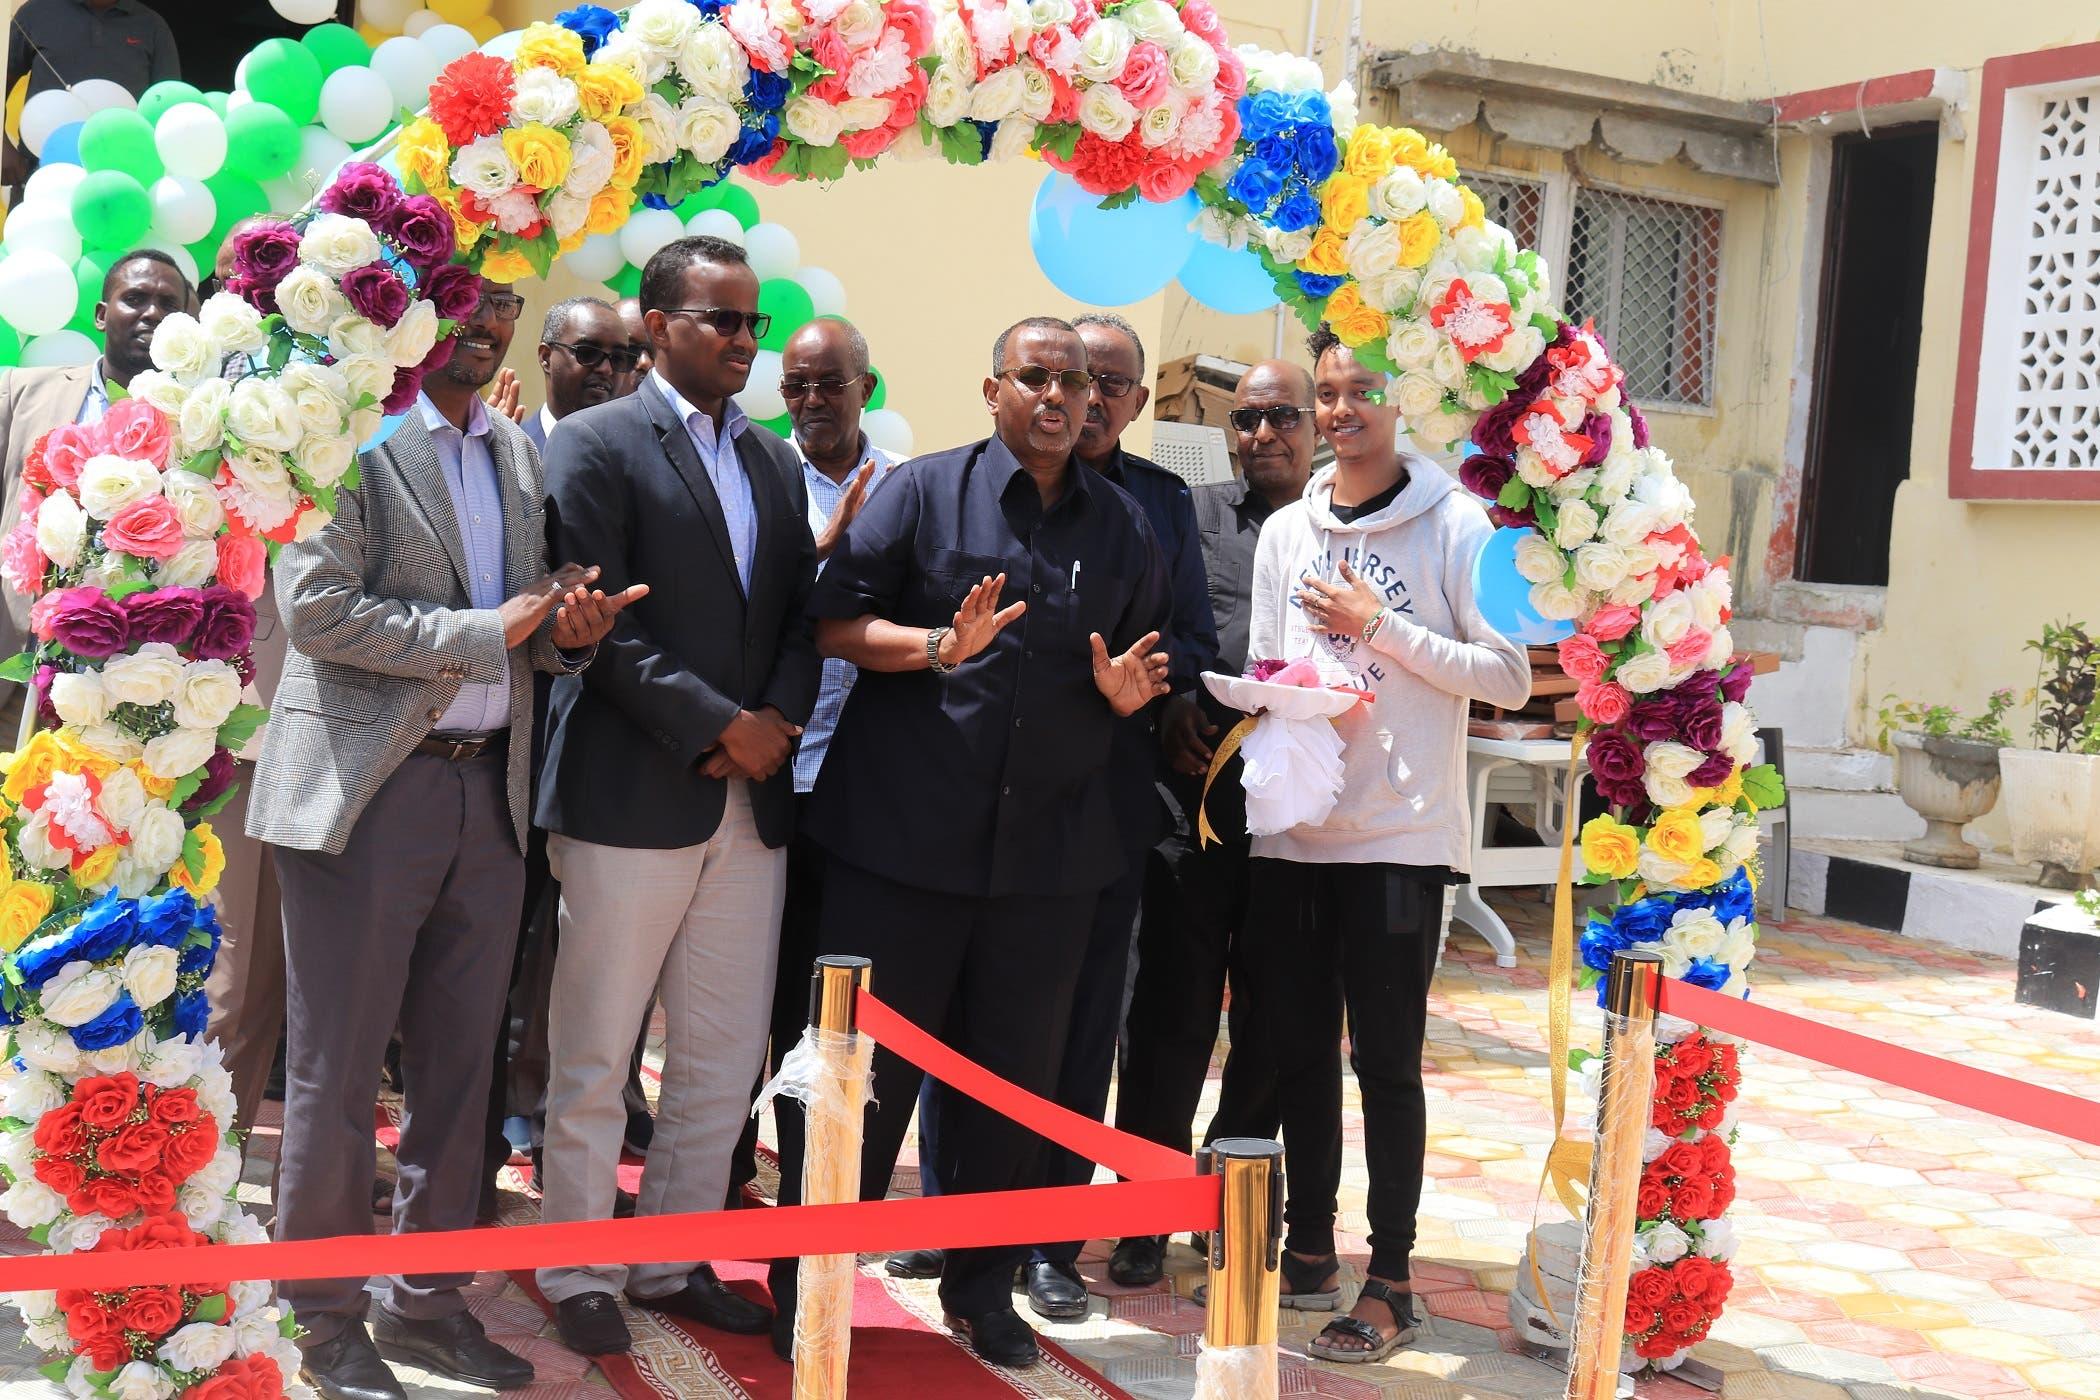 Sawirro: Laba sano kadib Hotel Saxafi International oo maanta dib loo furay